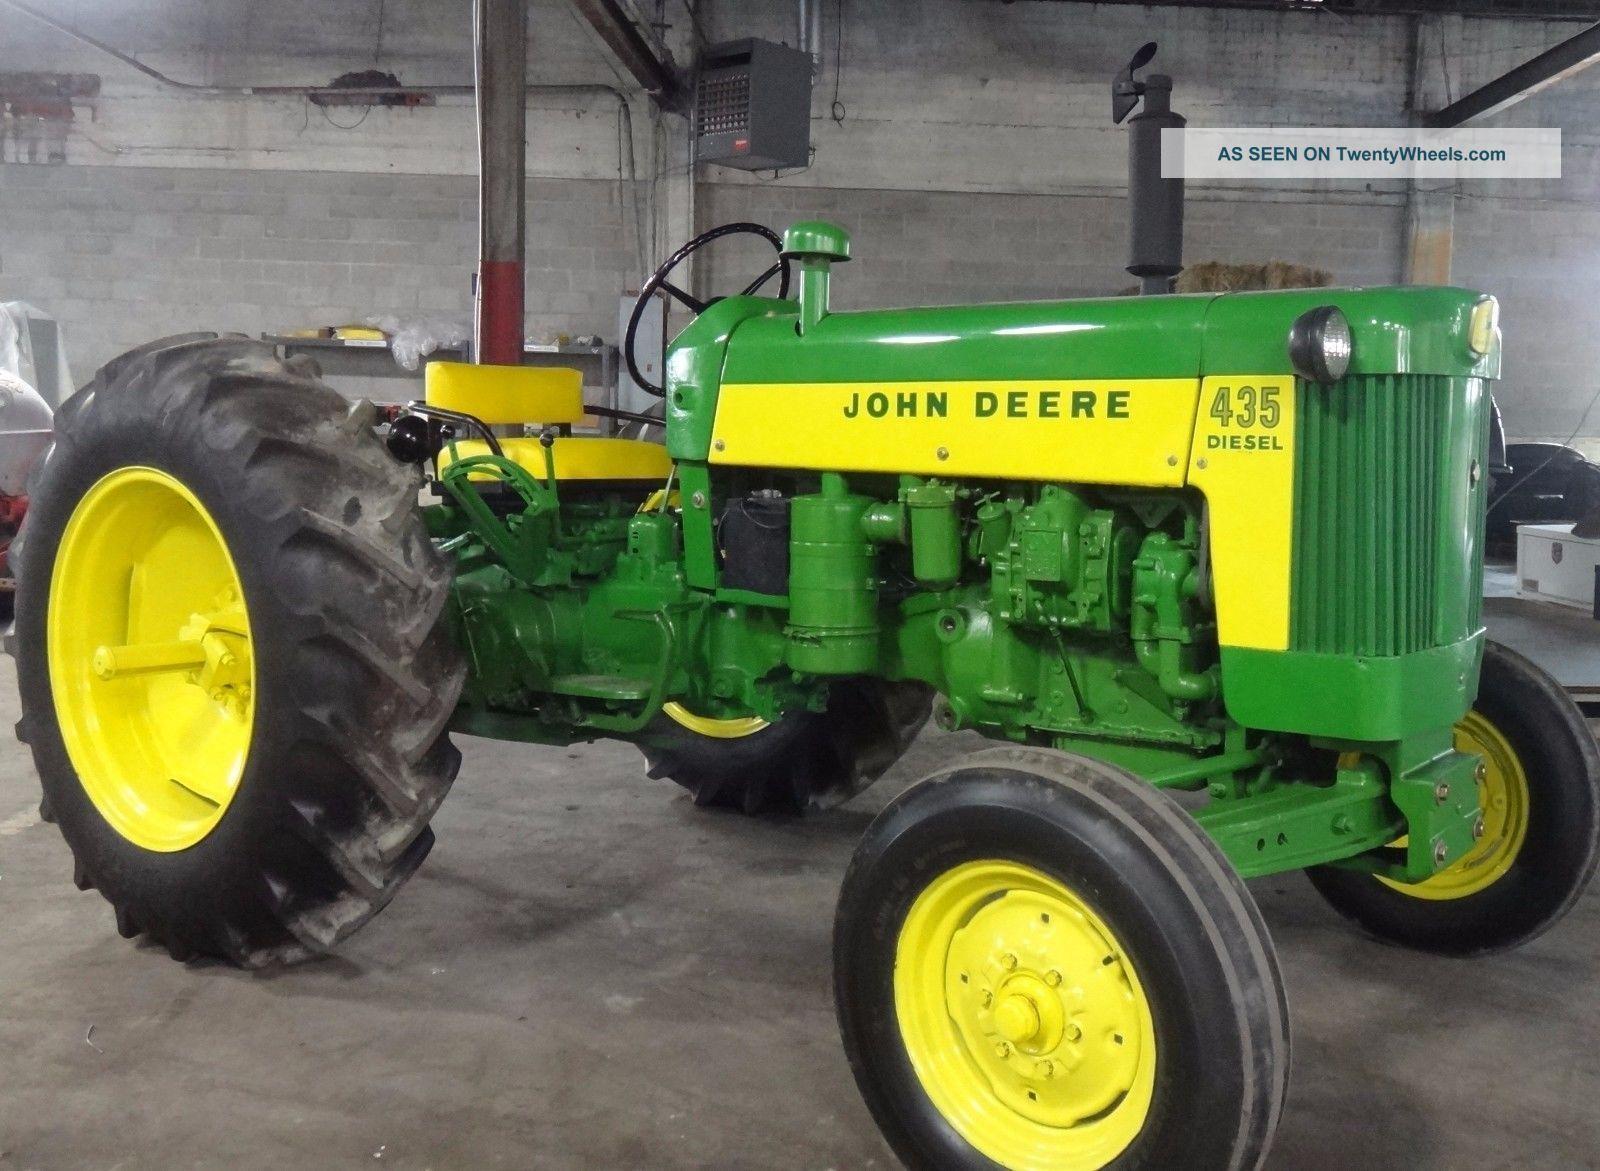 435 John Deere Diesel Tractor 1960 Ie: 430 420 440 330 Detroit 2 - 53  Antique & Vintage Farm Equip photo